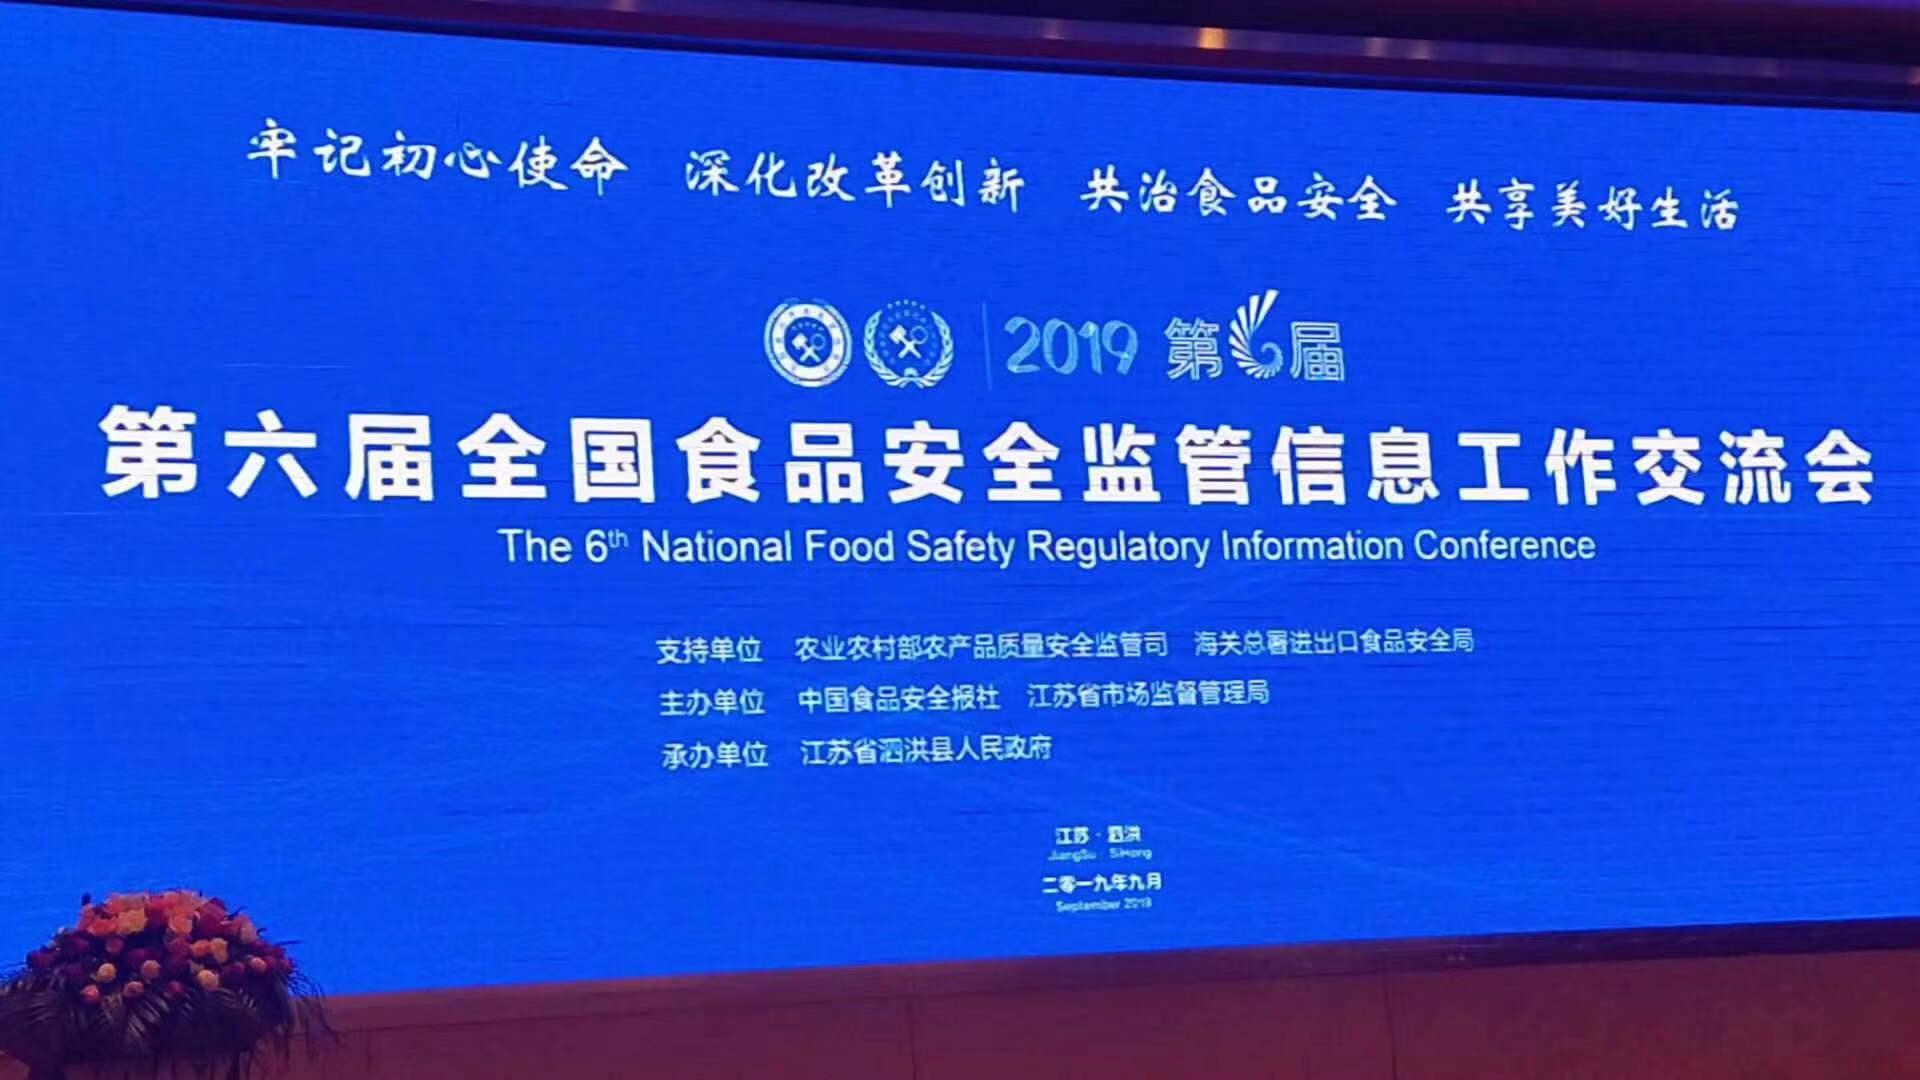 第六届全国食品安全监管信息工作交流会在江苏泗洪召开